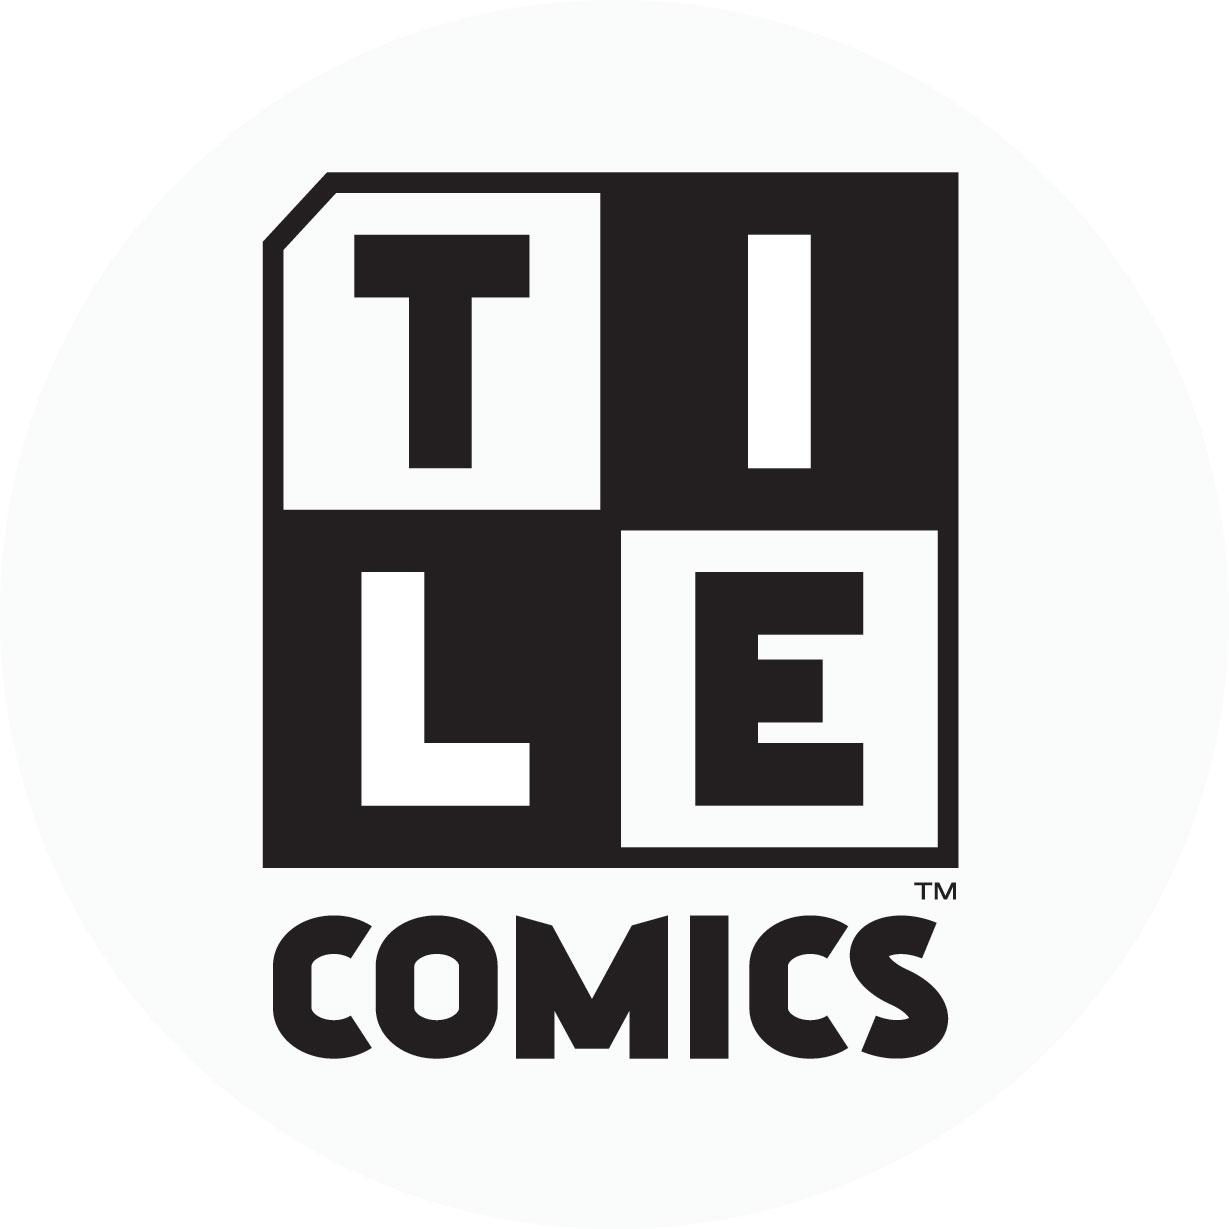 Tile comics logo